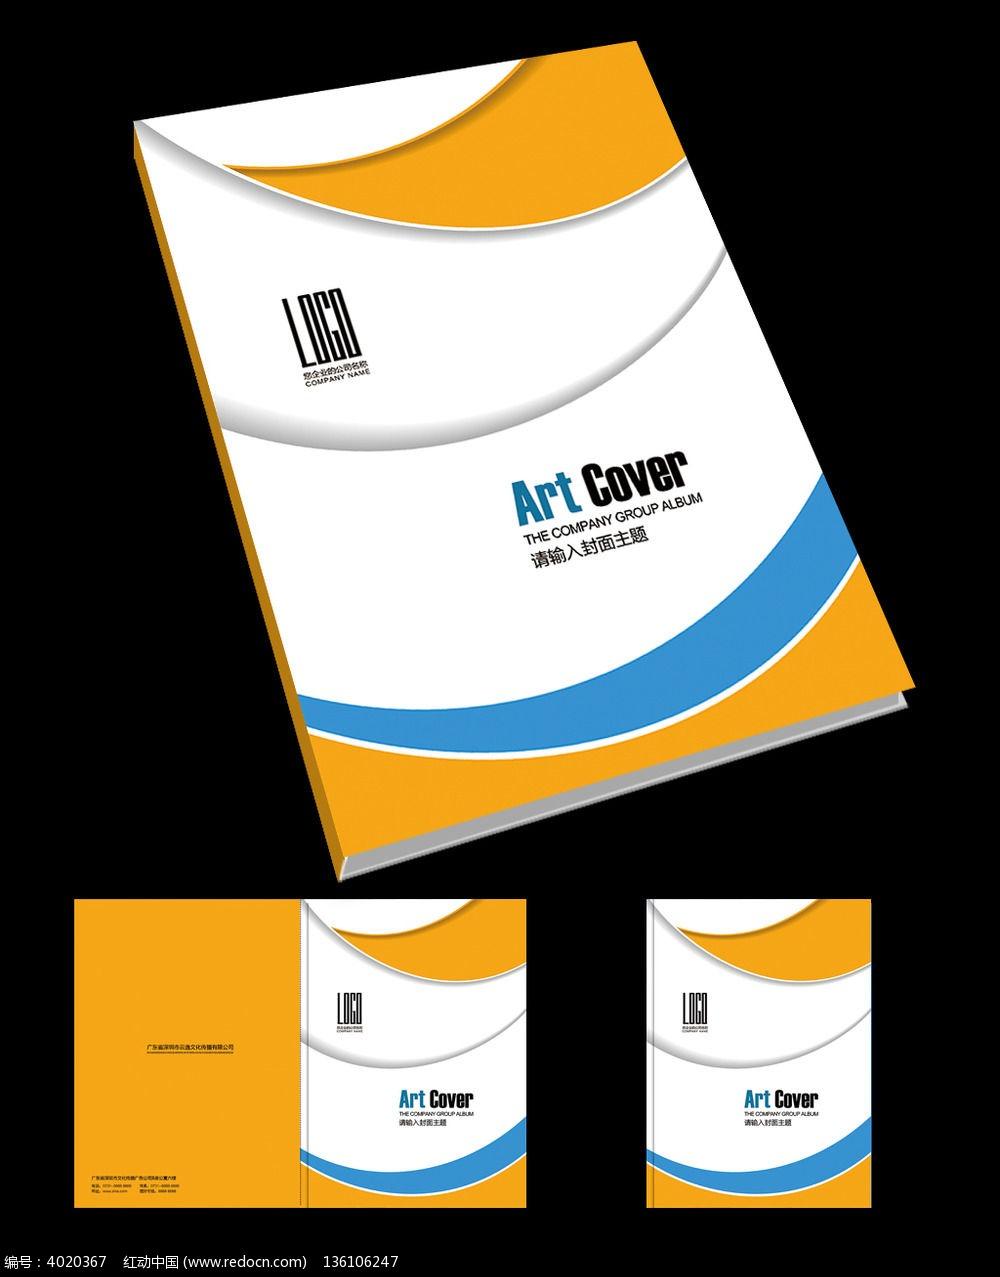 原创设计稿 画册设计/书籍/菜谱 封面设计 学校社团宣传册封面  请您图片